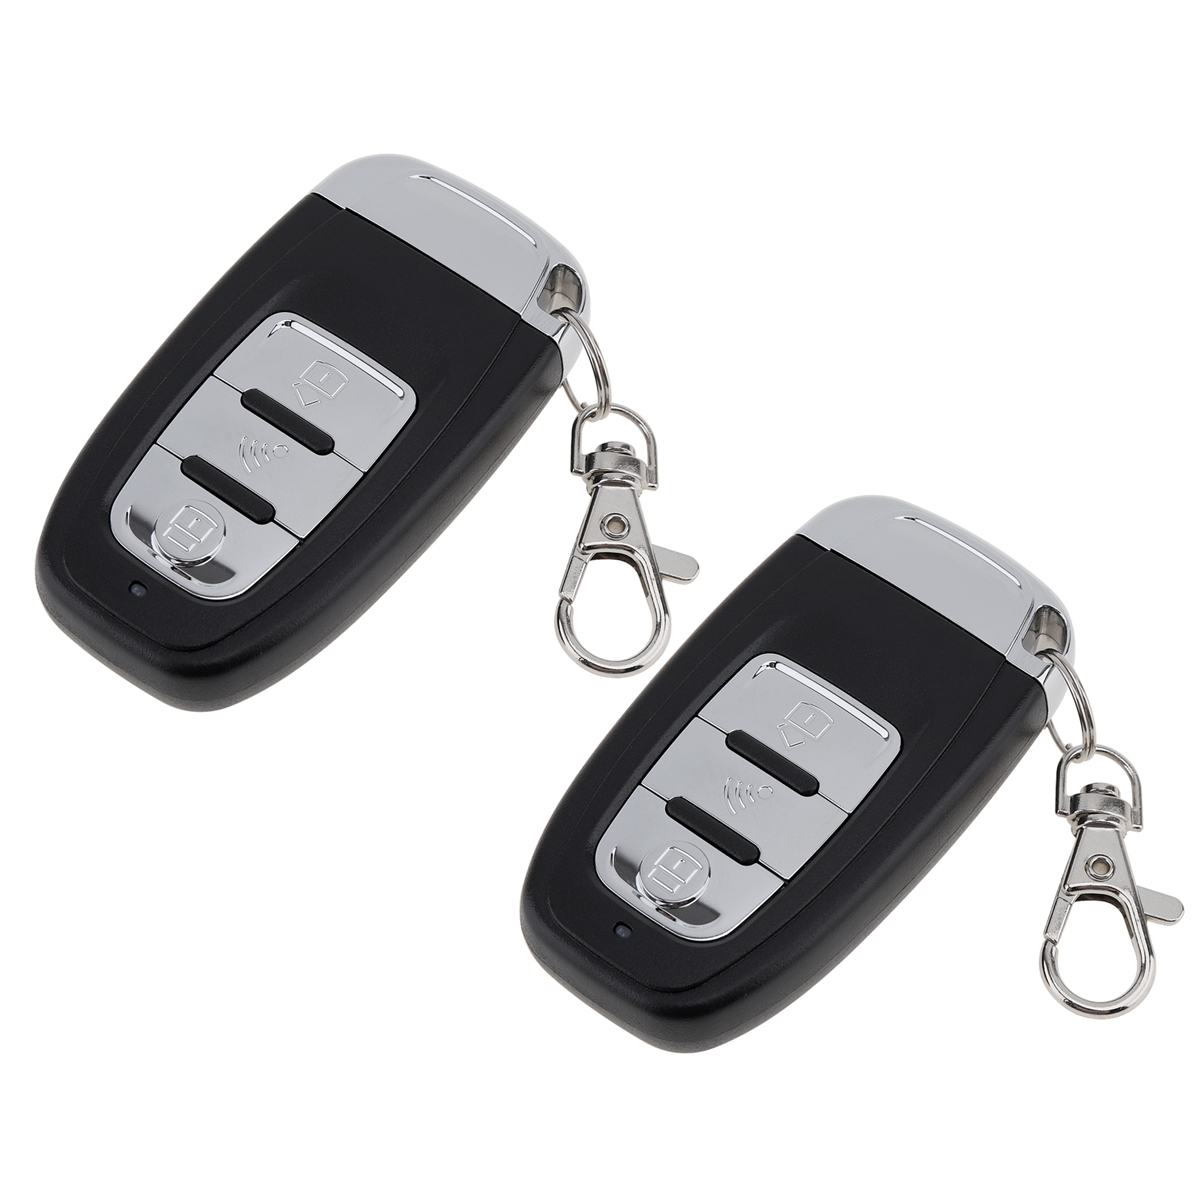 Smart Auto voiture alarme moteur Starline bouton poussoir démarrage arrêt RFID serrure interrupteur d'allumage sans clé système d'entrée démarreur Anti-vol - 4